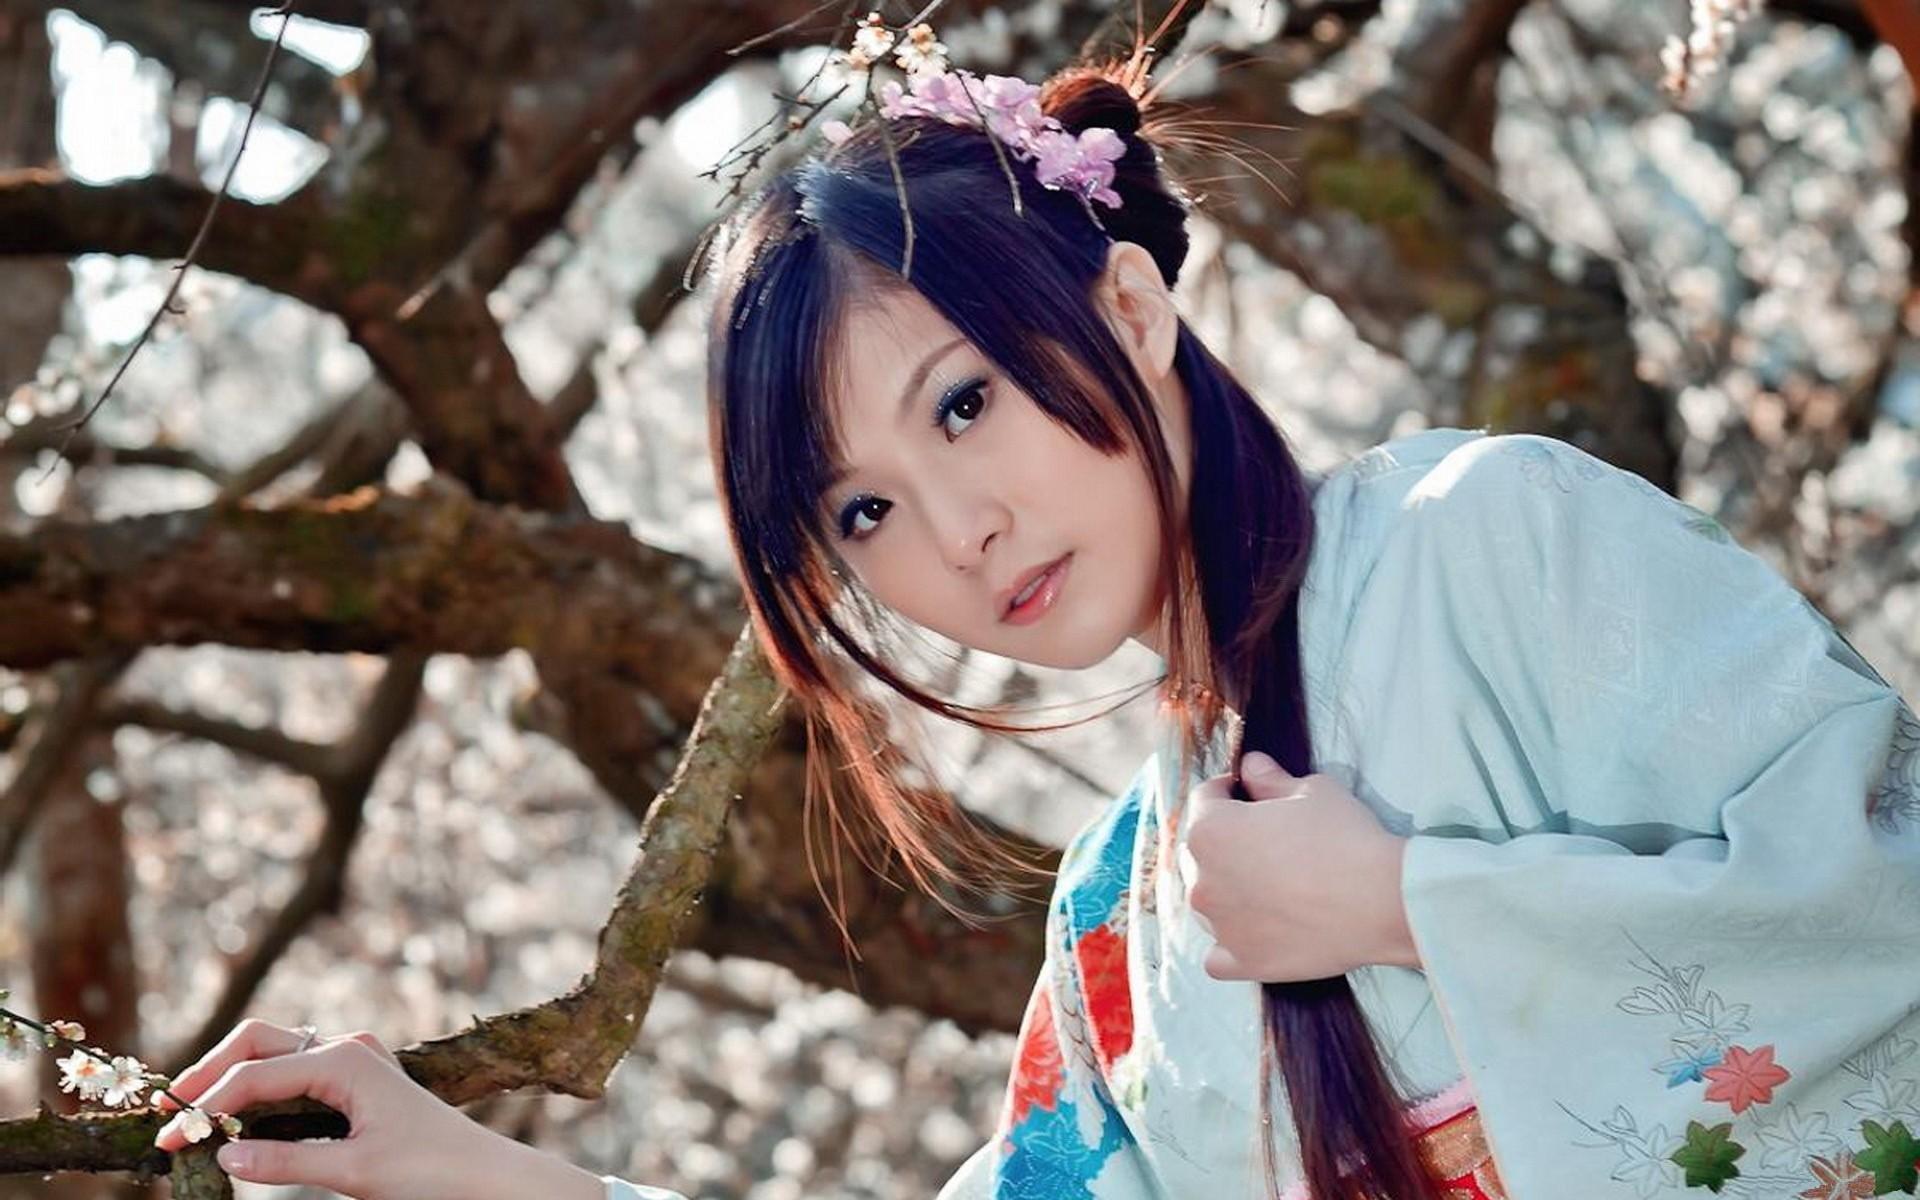 Японские девушки фото бесплатно 13 фотография